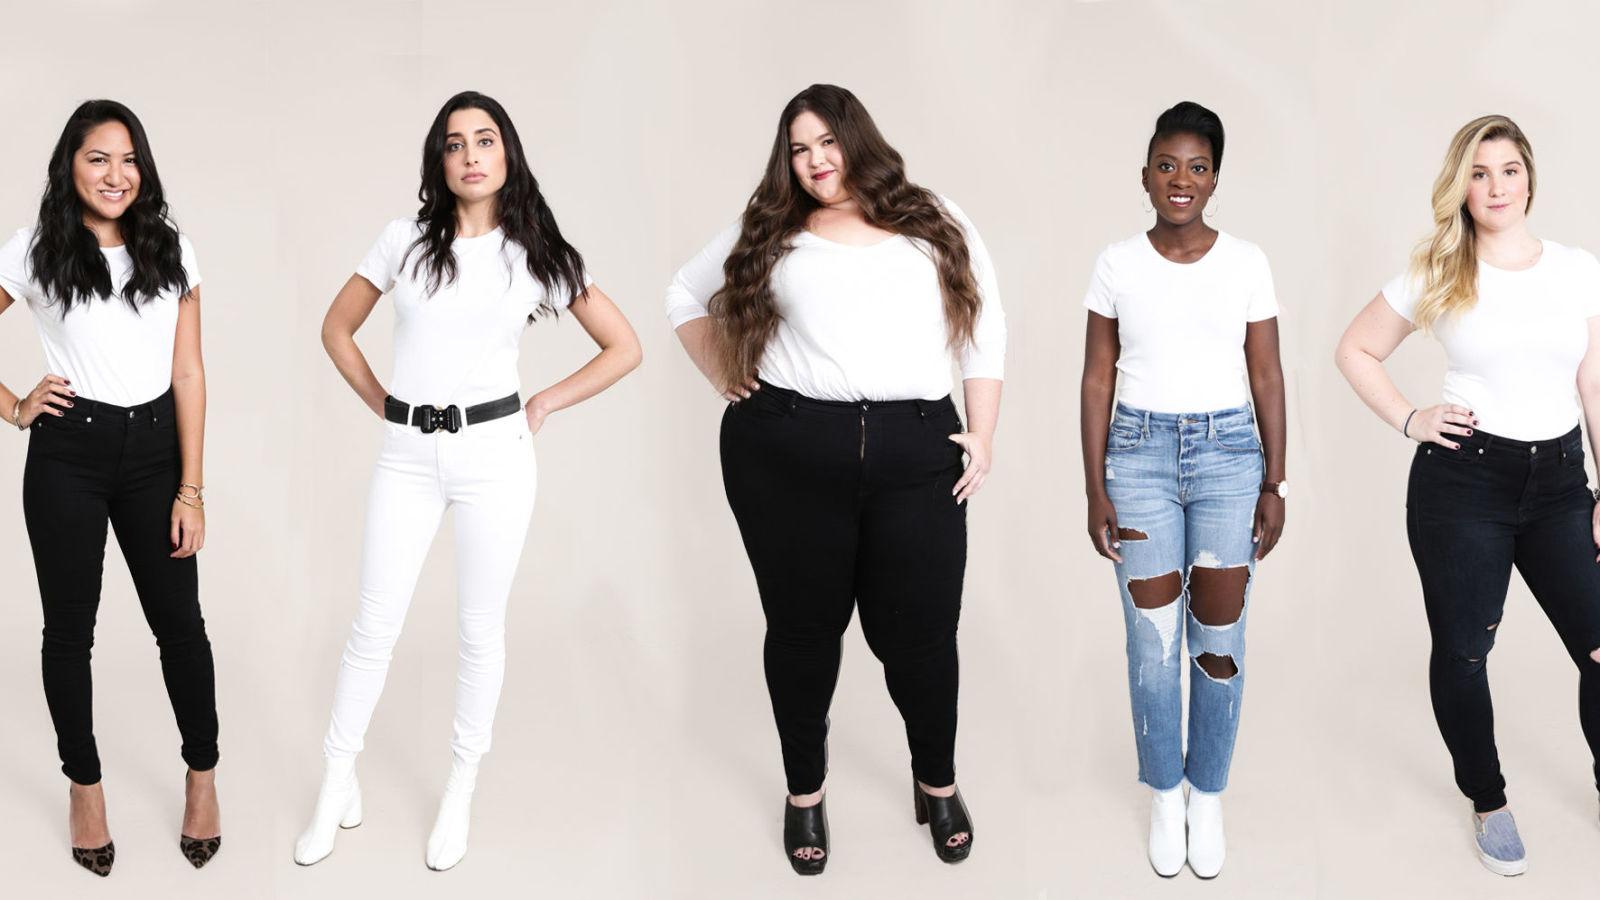 How many women wear jeans in America?